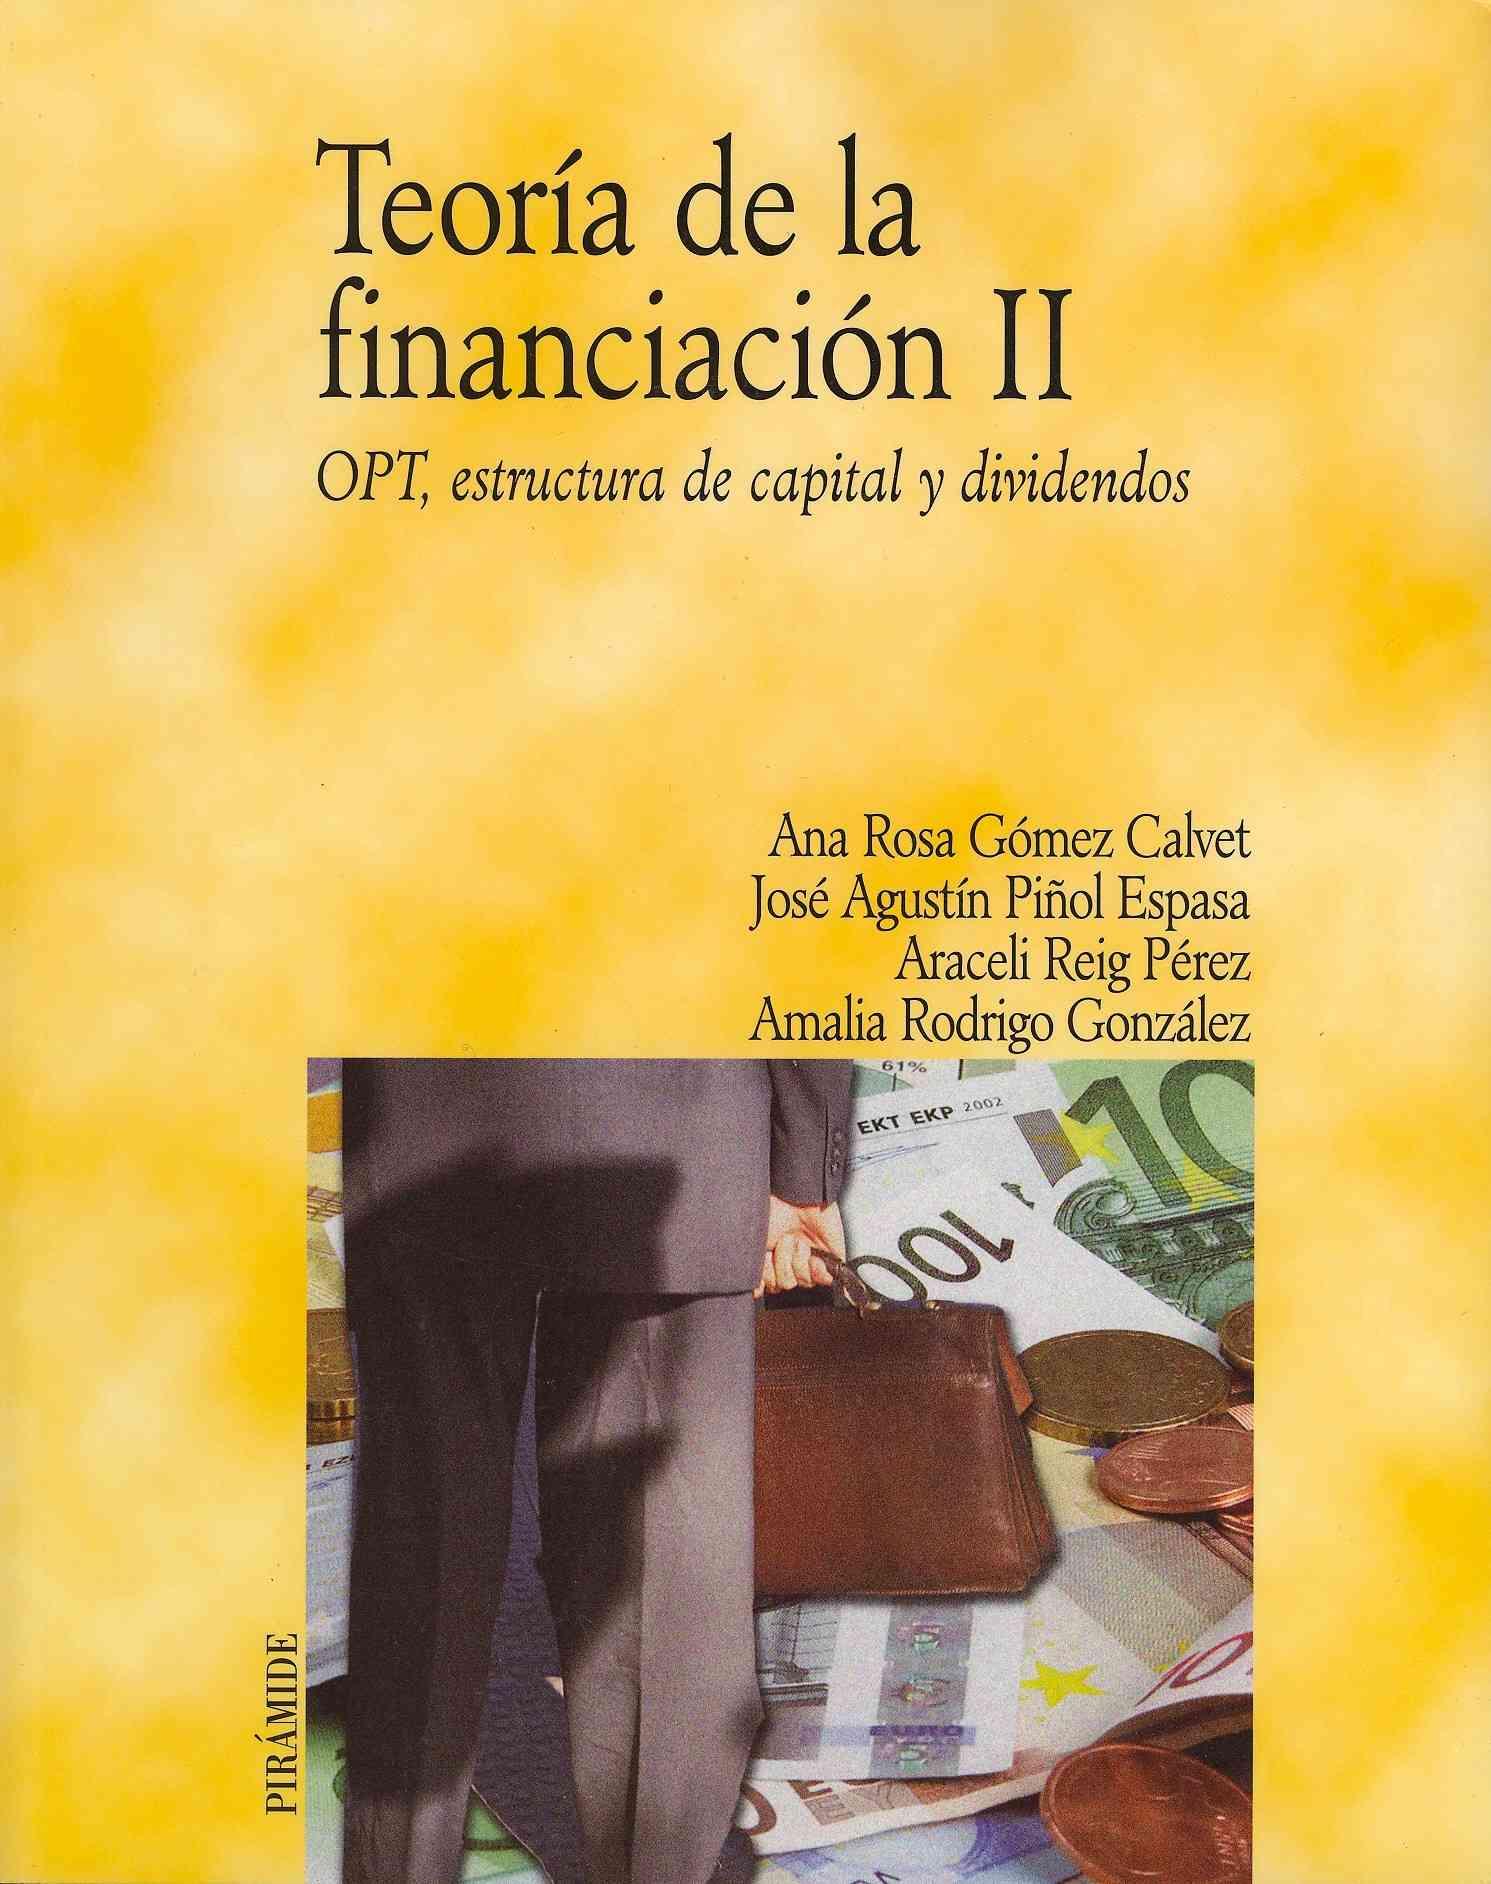 Teoria De La Financiacion Ii/financing Theary II By Calvet, Ana Rosa Gomez/ Espasa, Jose Agustin Pinol/ Perez, Araceli Reig/ Gonzalez, Amalia Rodrigo